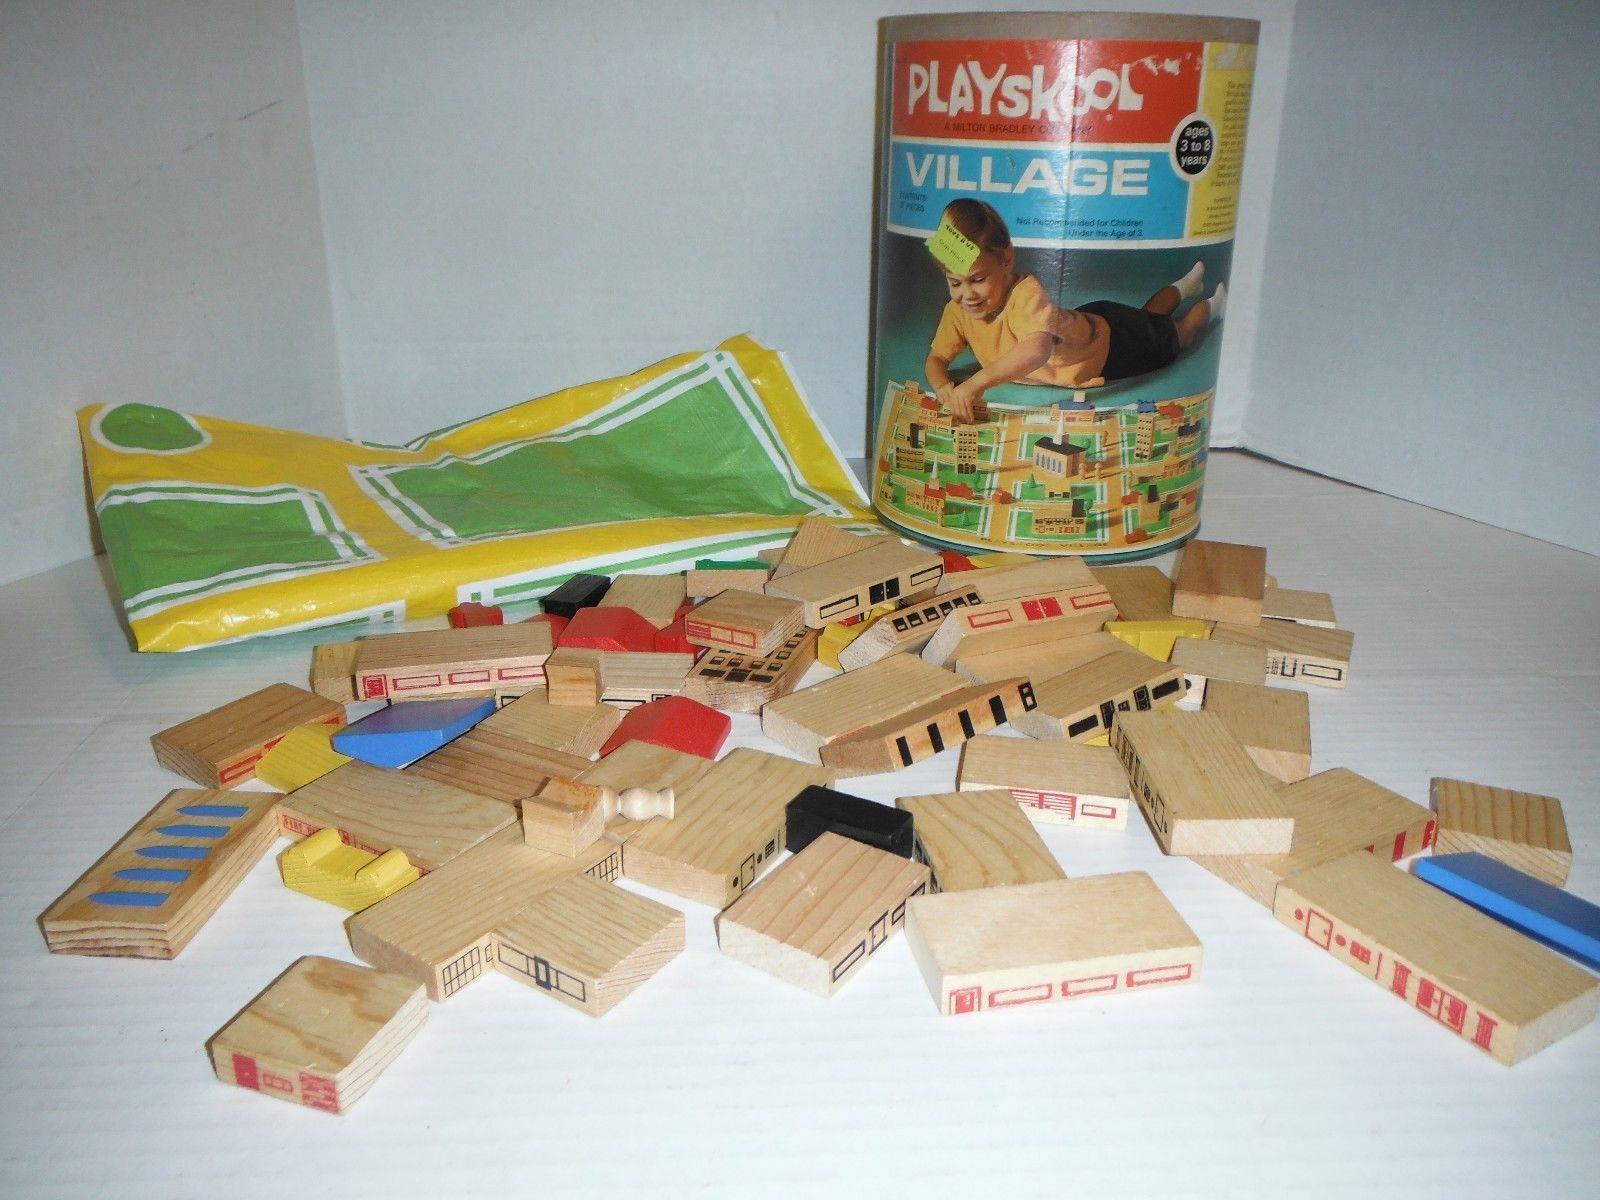 Vintage 1973 Playskool Village Wooden Blocks And 50 Similar Items